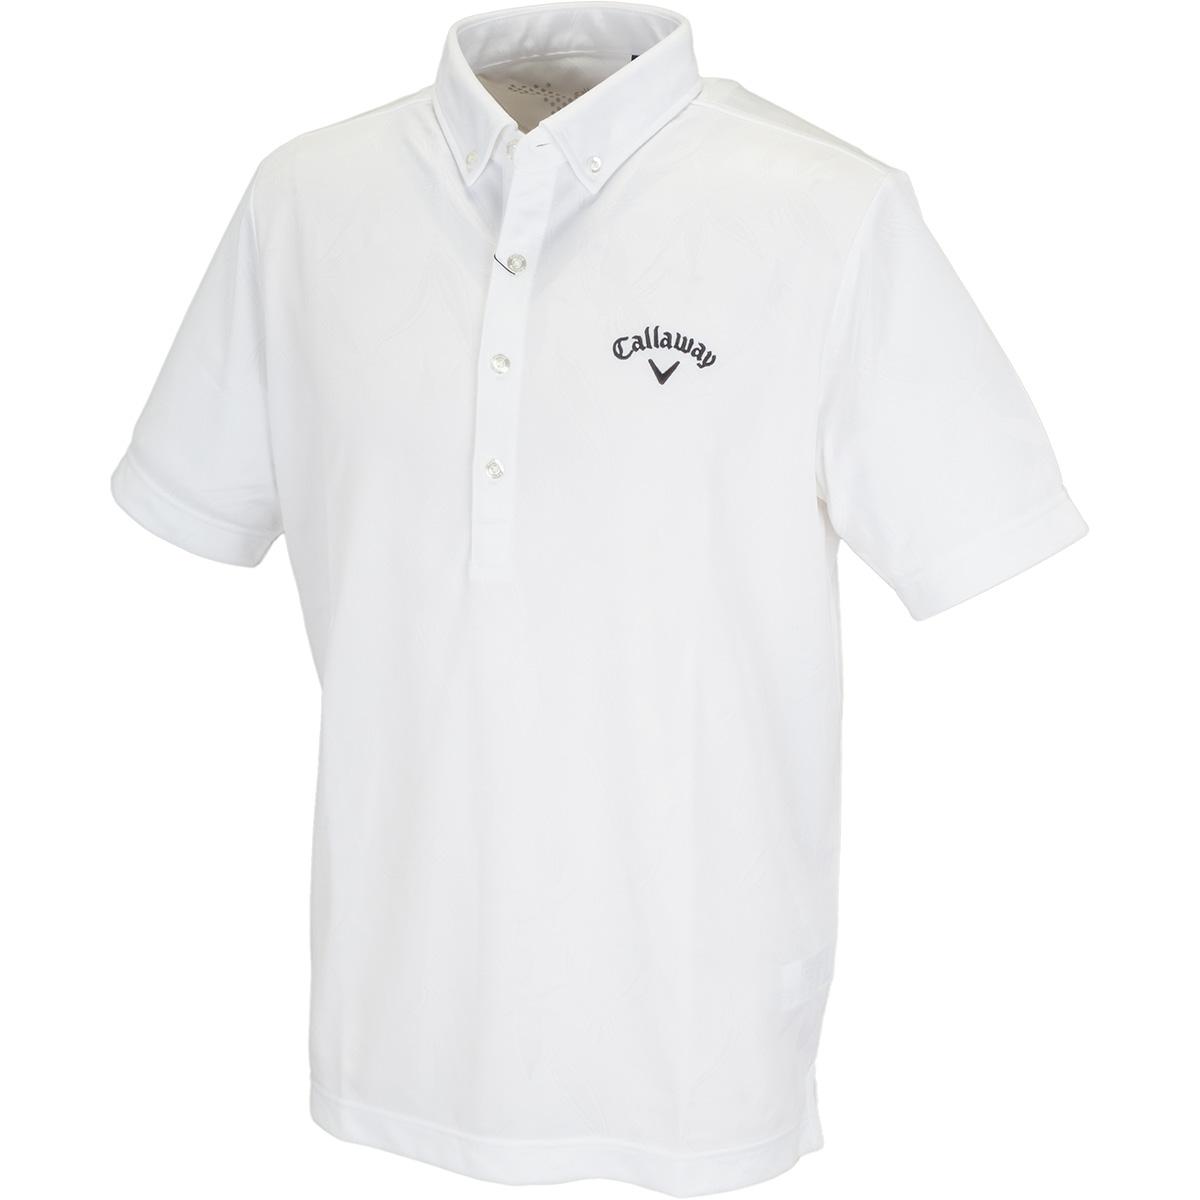 ボタンダウン クマザサ柄ジャカード カラー半袖ポロシャツ